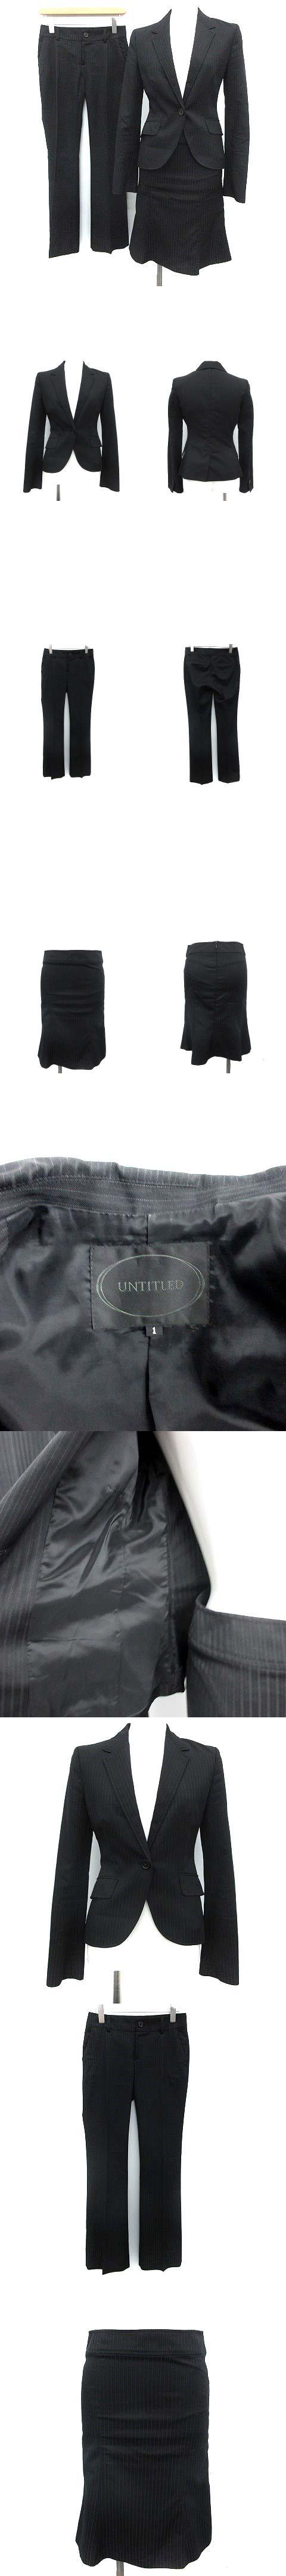 スーツ セットアップ 3点セット ジャケット パンツ スカート 1 黒 ブラック /KH